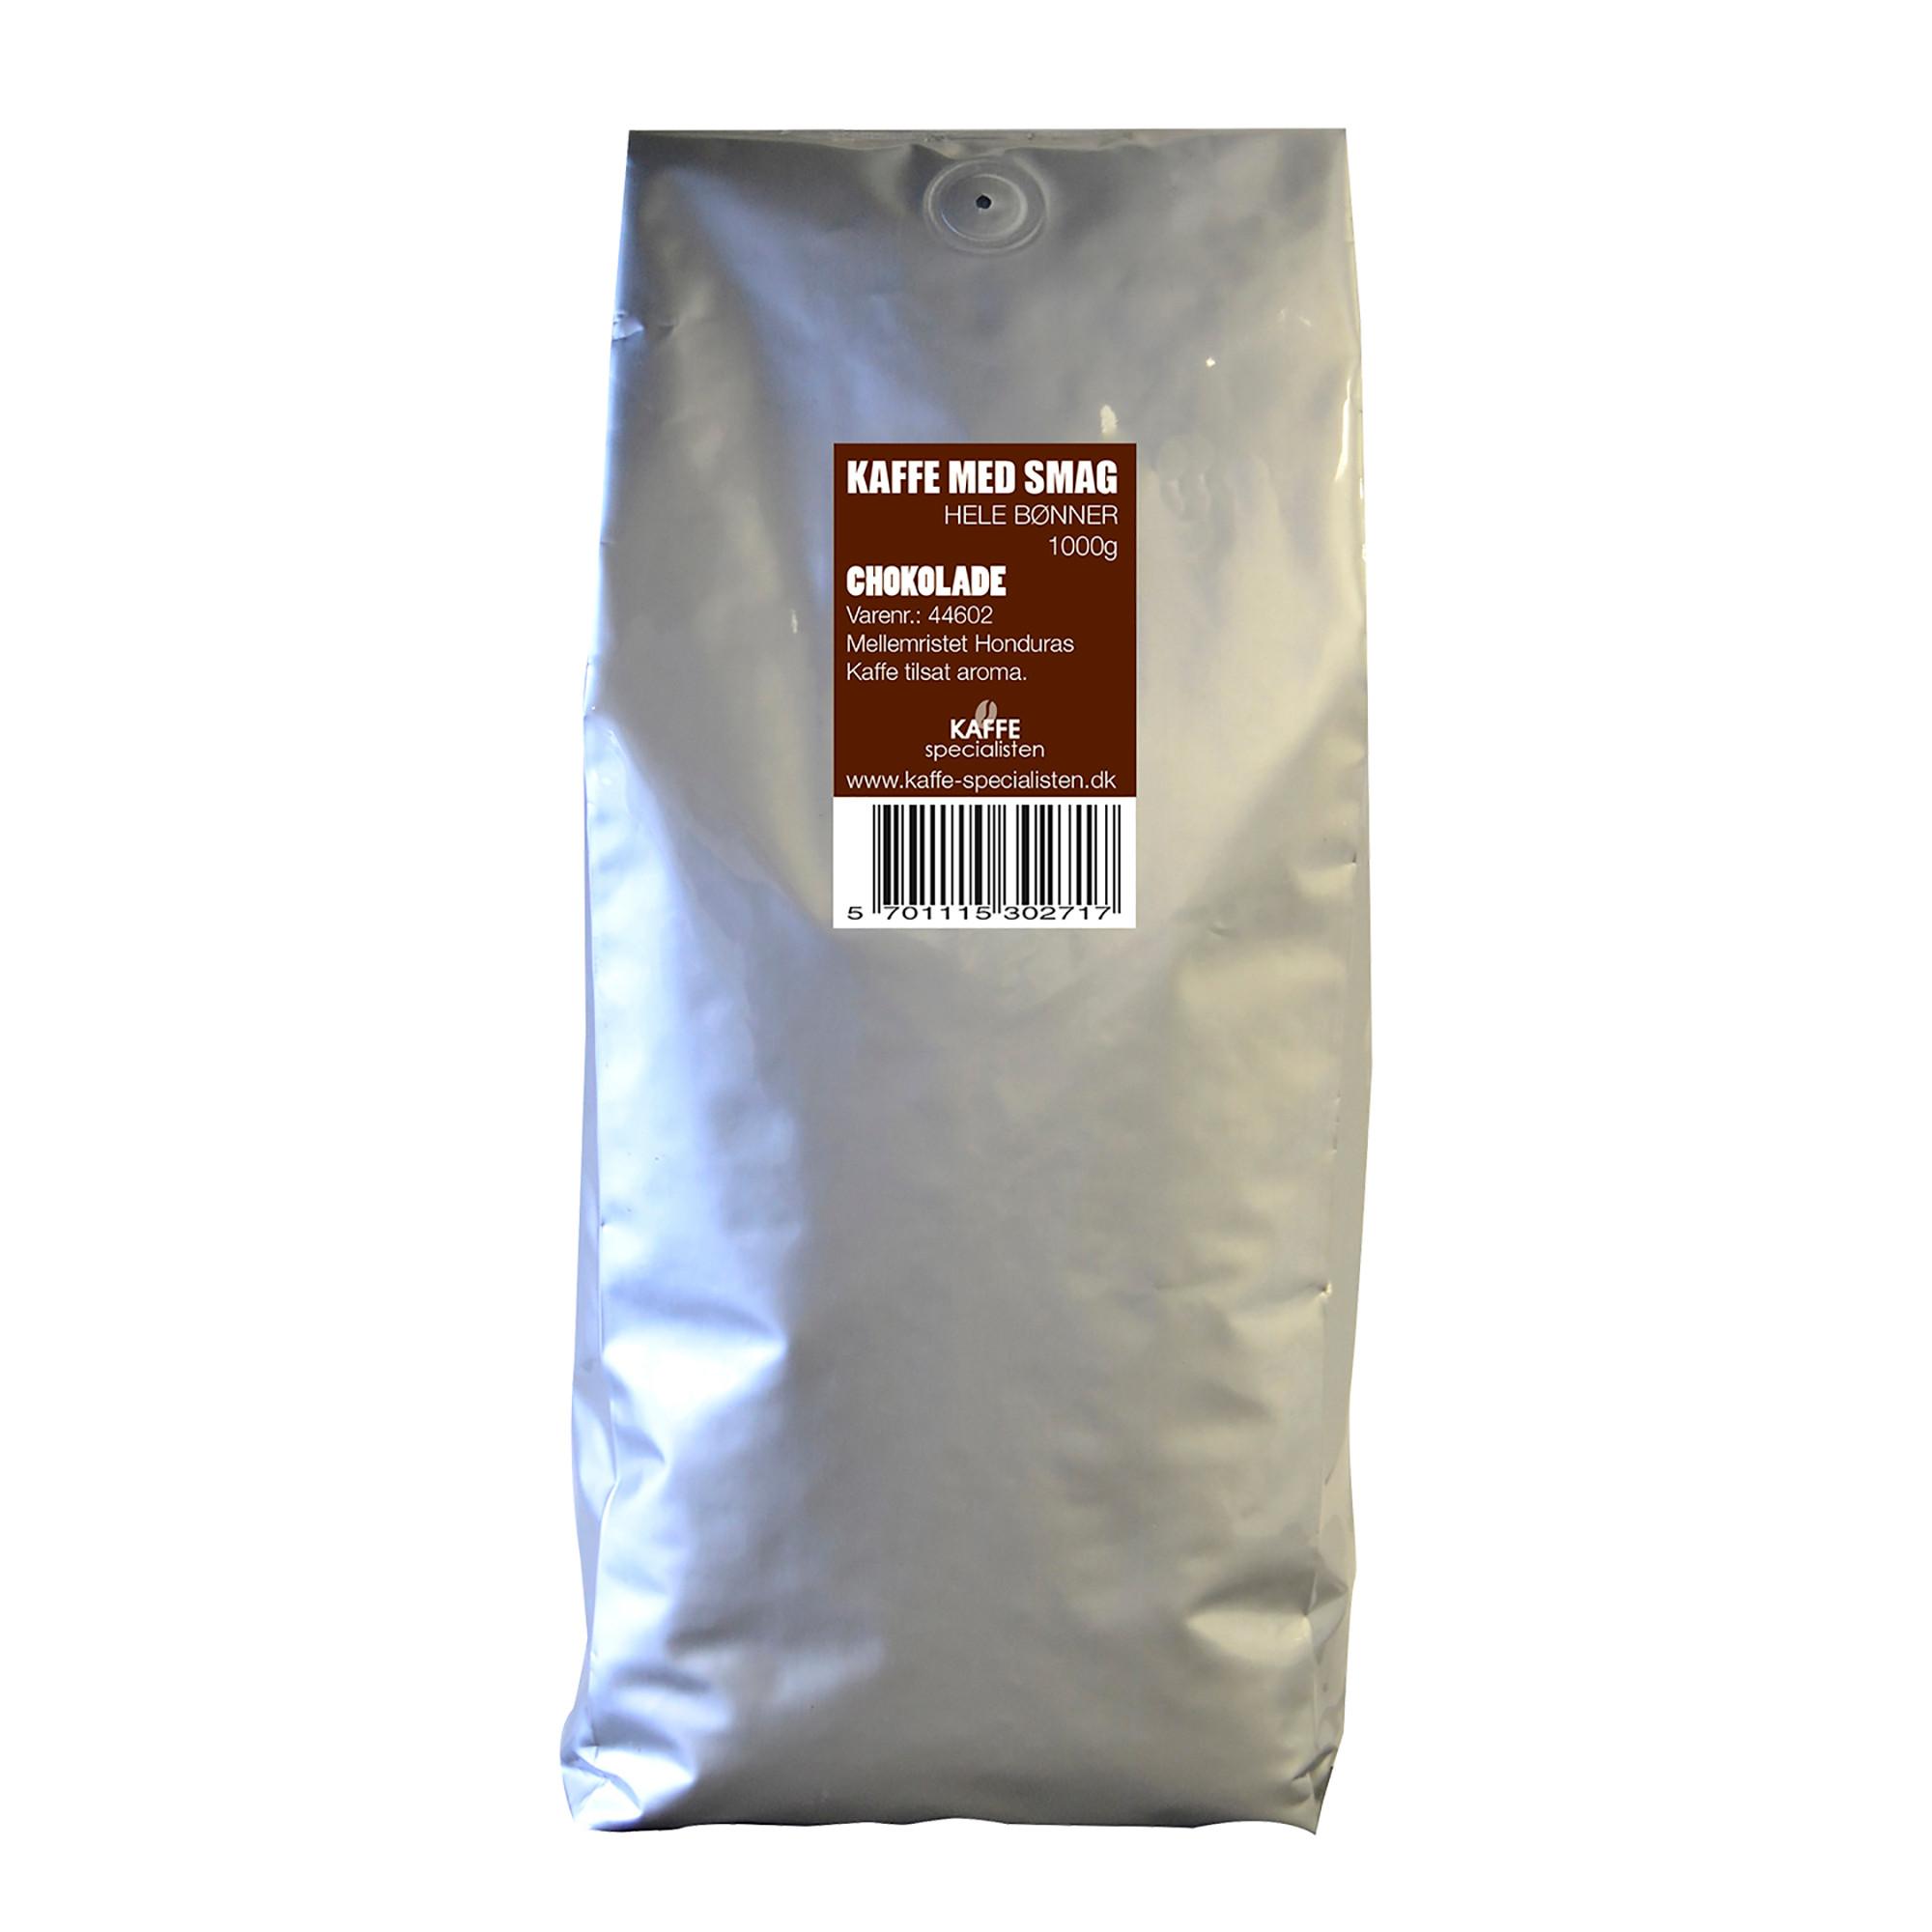 KAFFE Specialisten Kaffebønner Chokolade Smag